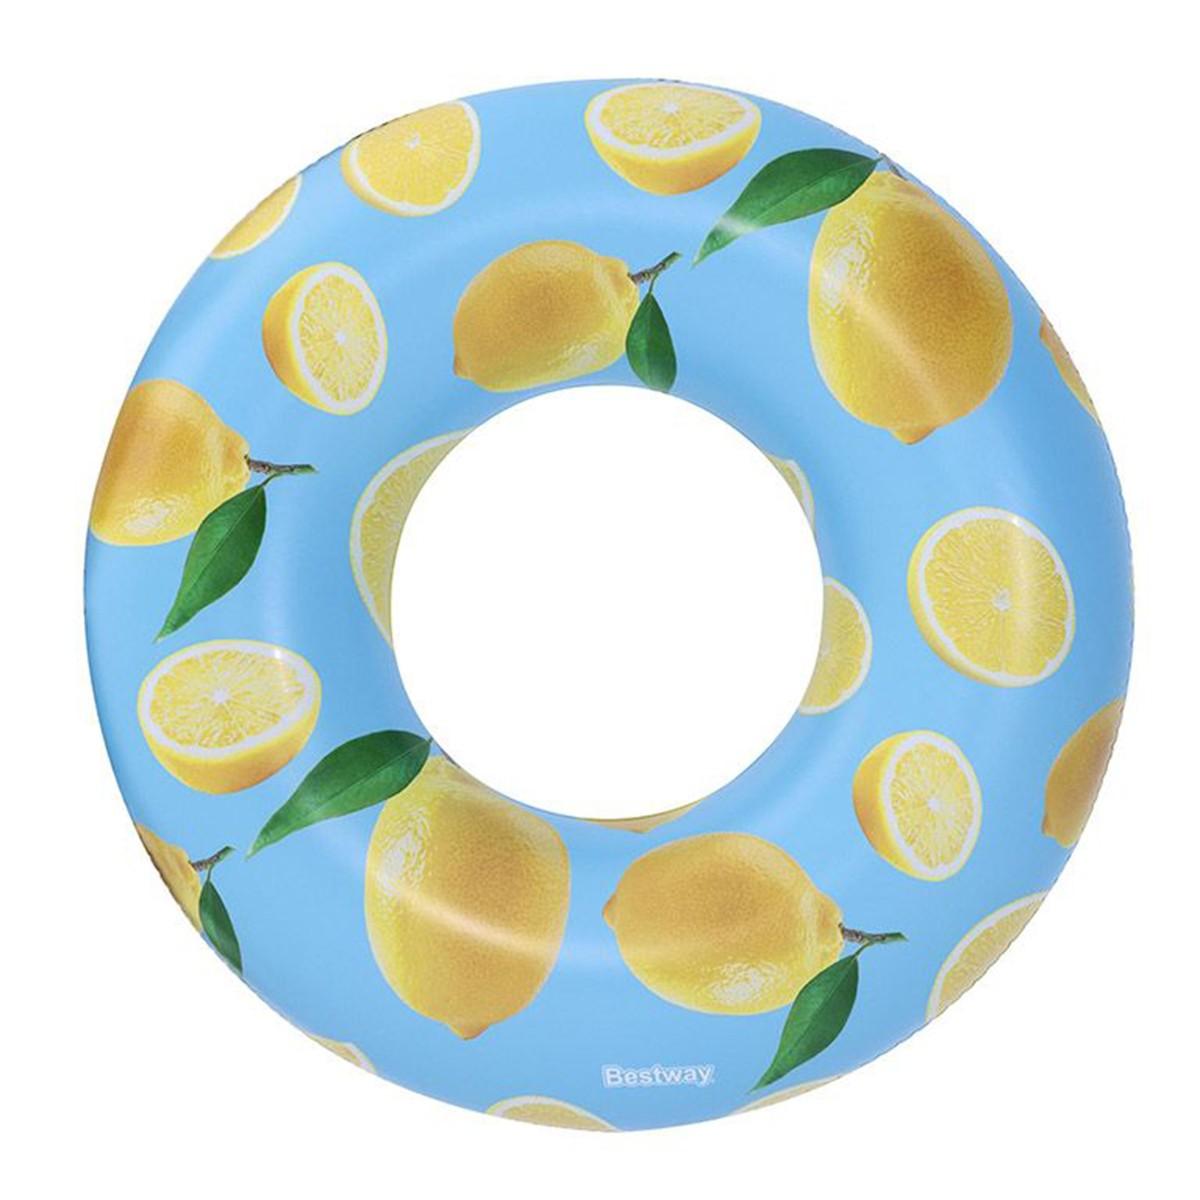 Bestway Ciambella Salvagente Con Limoni E Profumata 119 Cm